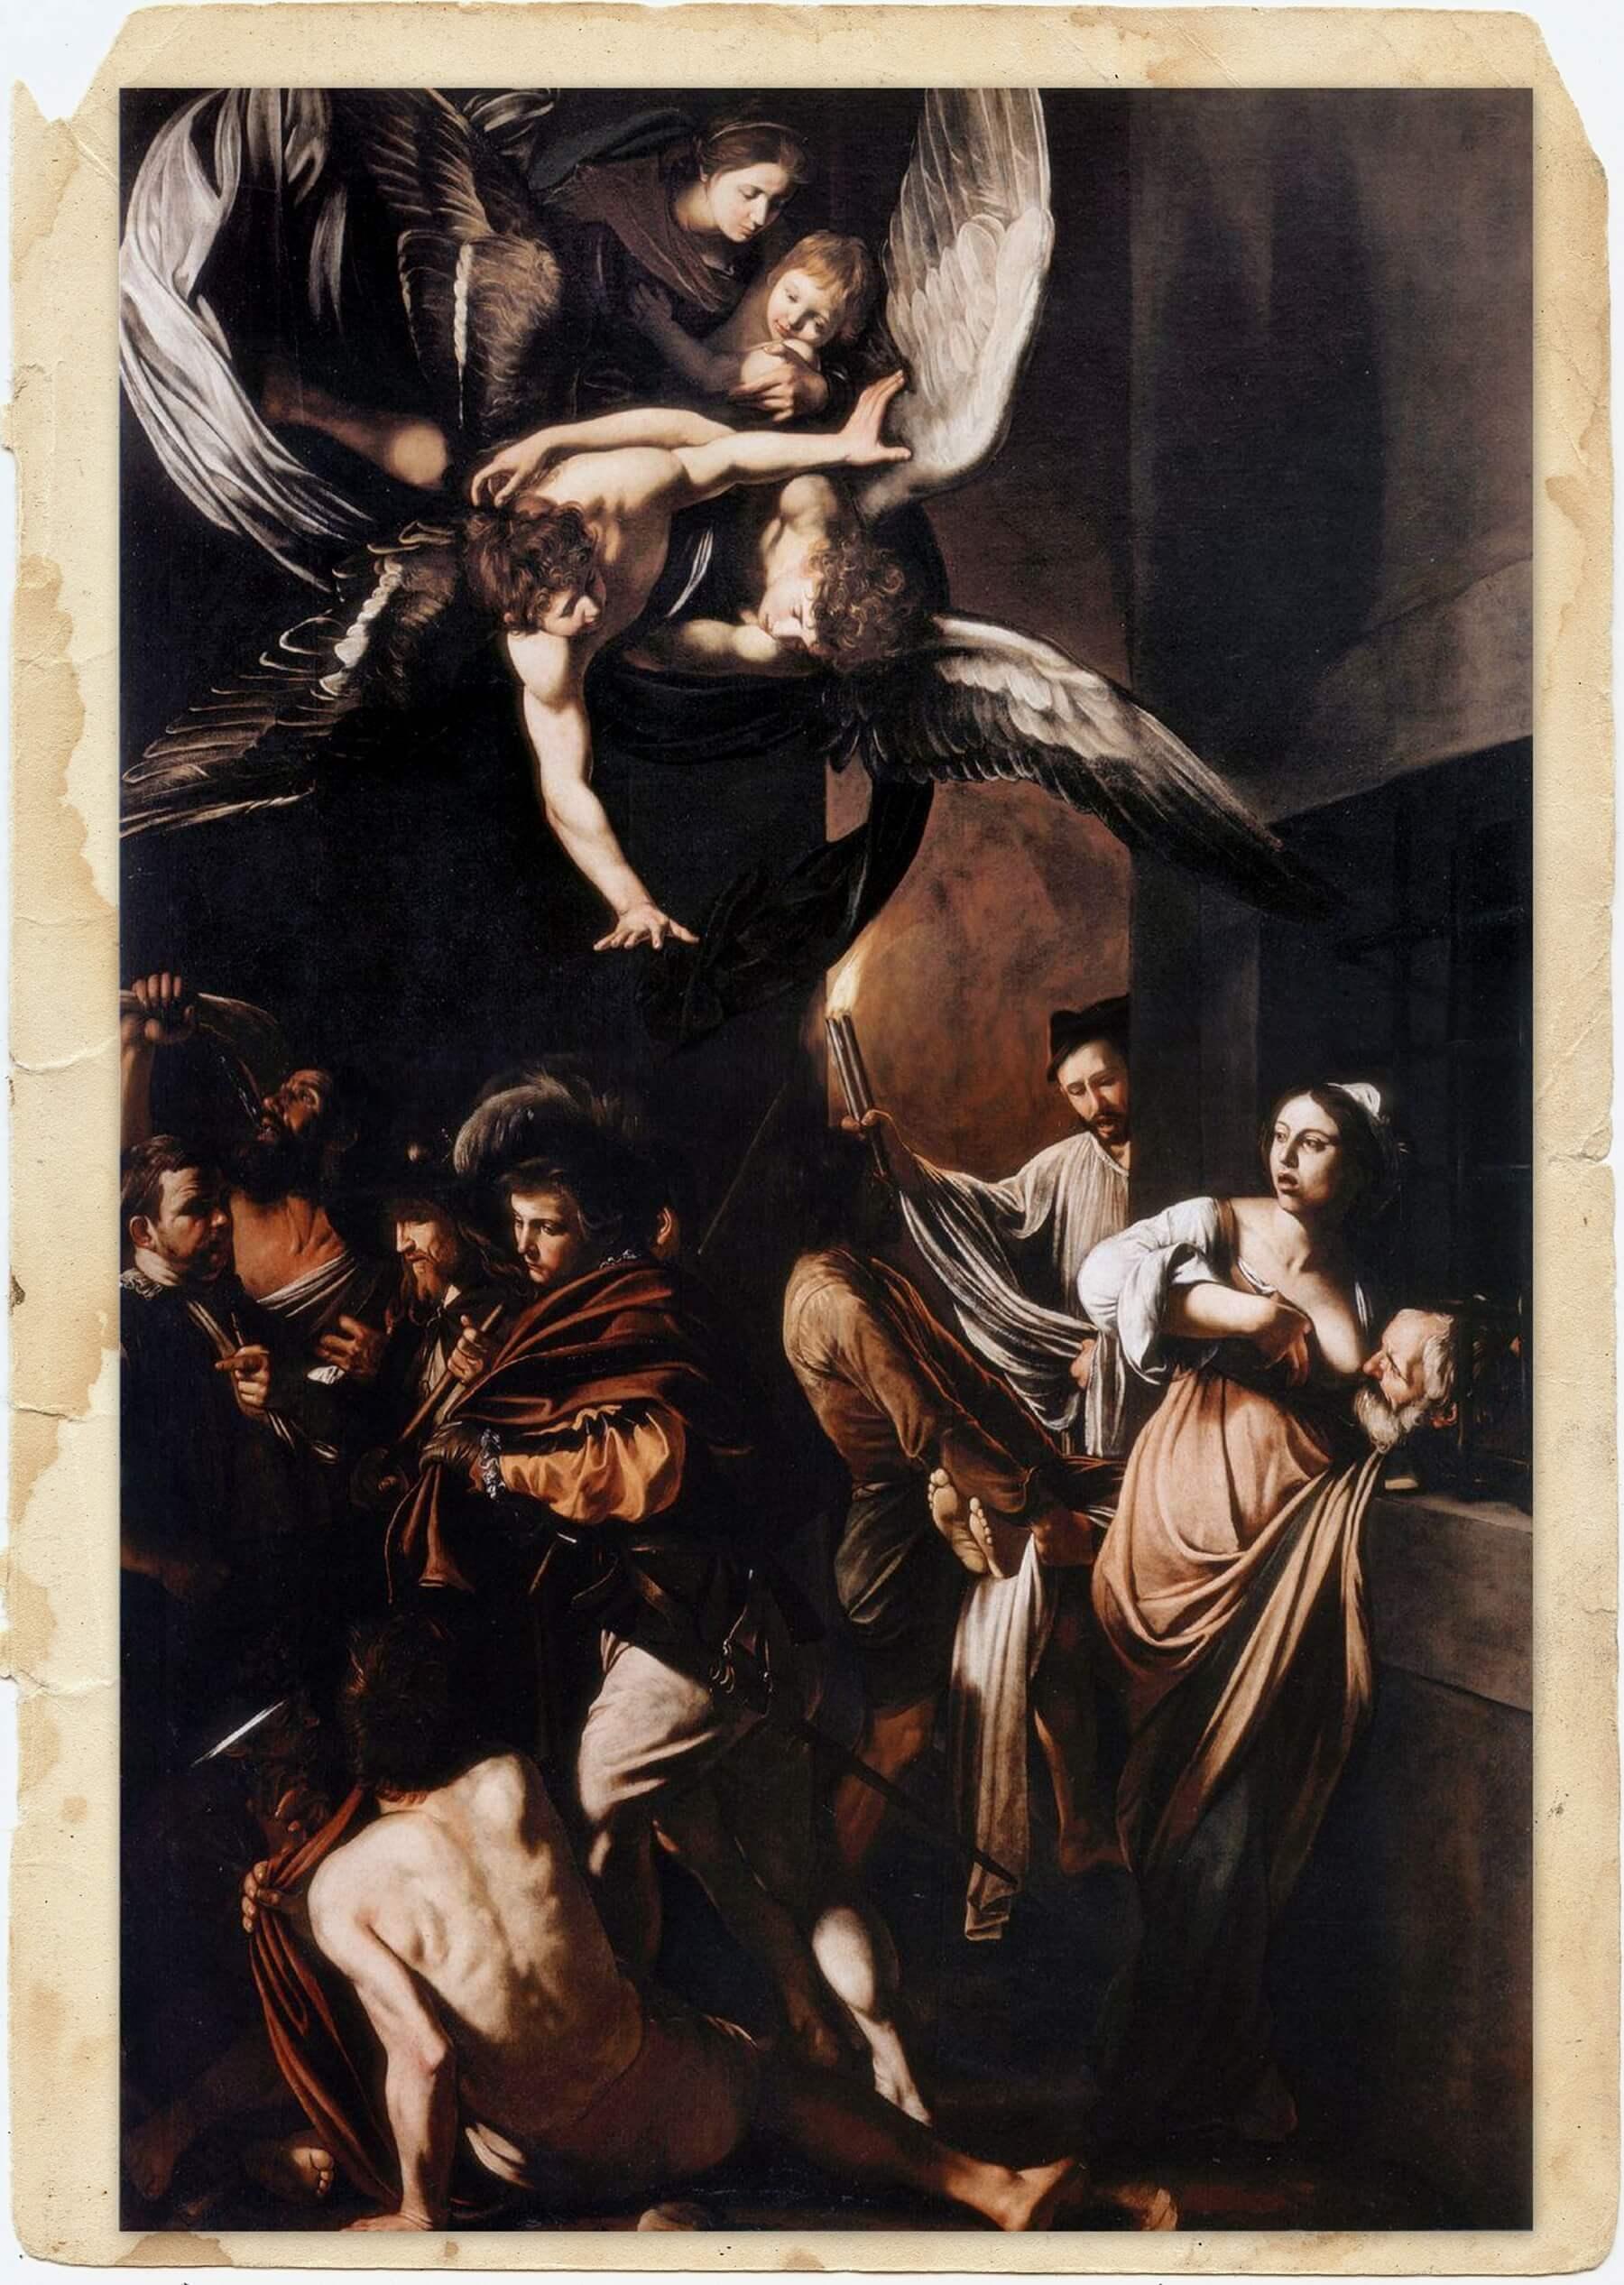 Семь деяний милосердия Караваджо